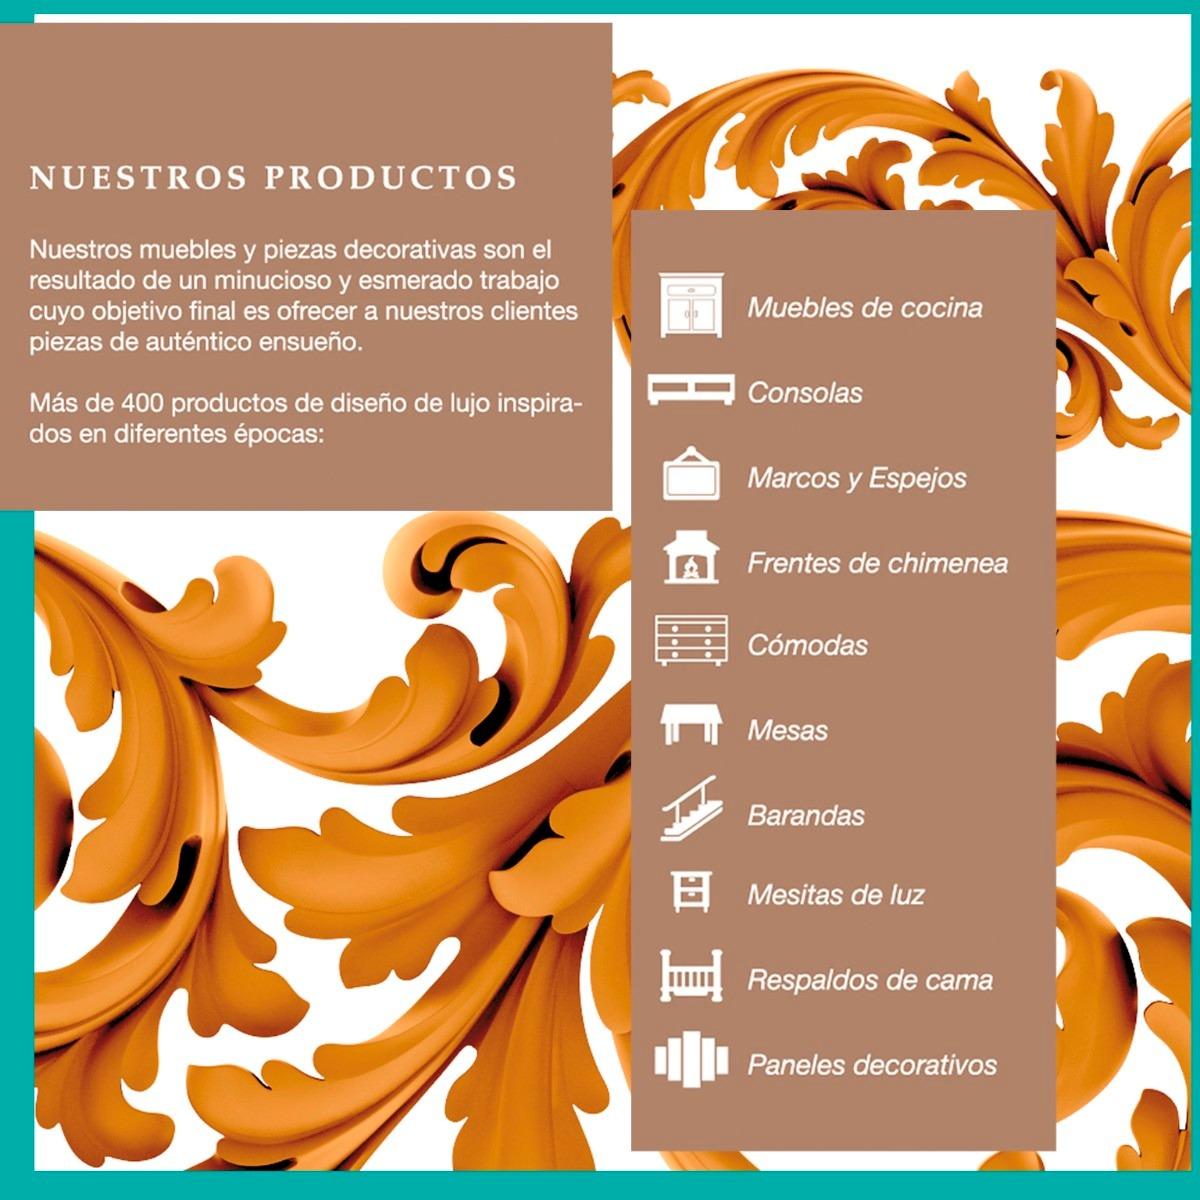 Marco Para Espejo De Mdf De Diseño 90x90 - $ 780,00 en Mercado Libre